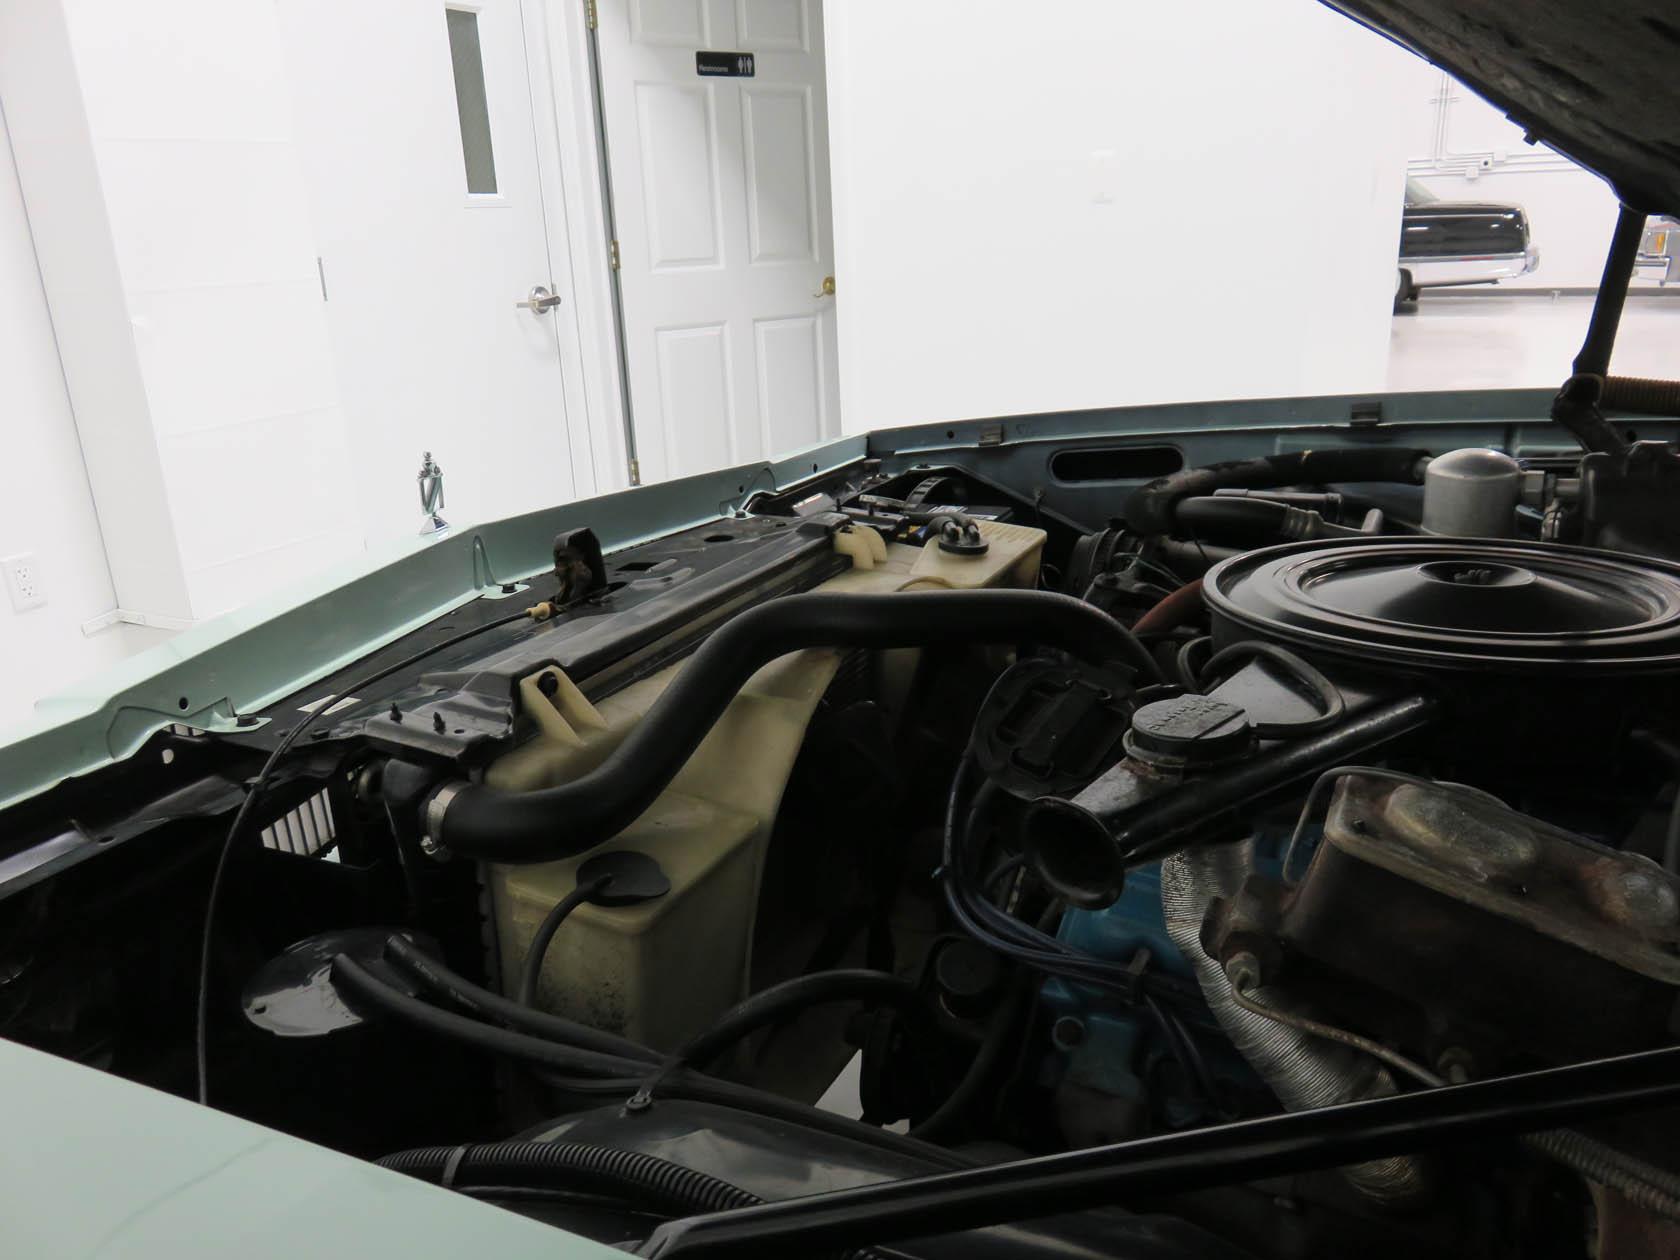 Michael Esposito - 1974 Oldsmobile Cutlasss Supreme 393